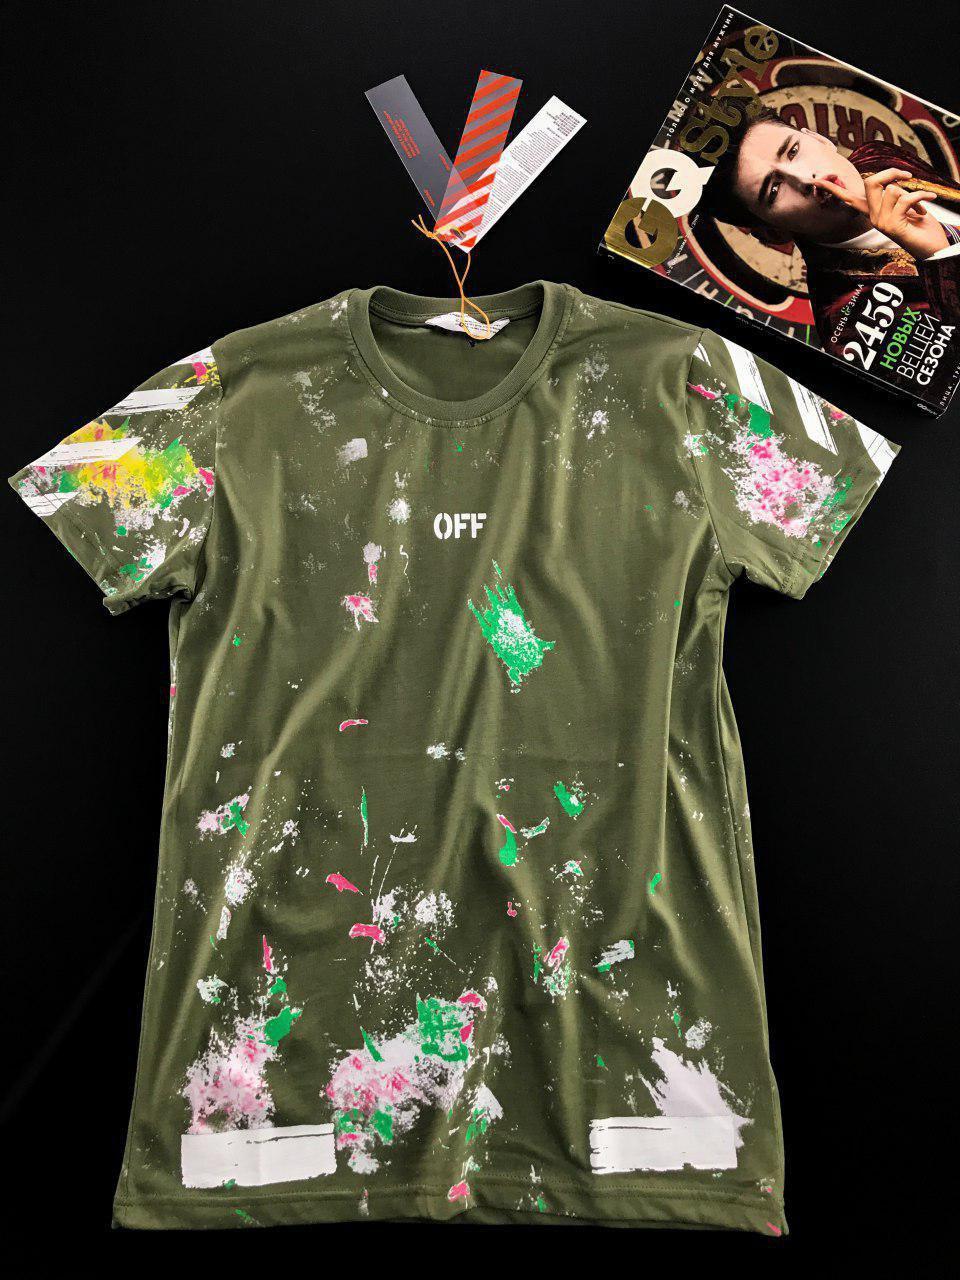 Модная молодёжная  футболка  ОФФ S, M, L, XL, XXL